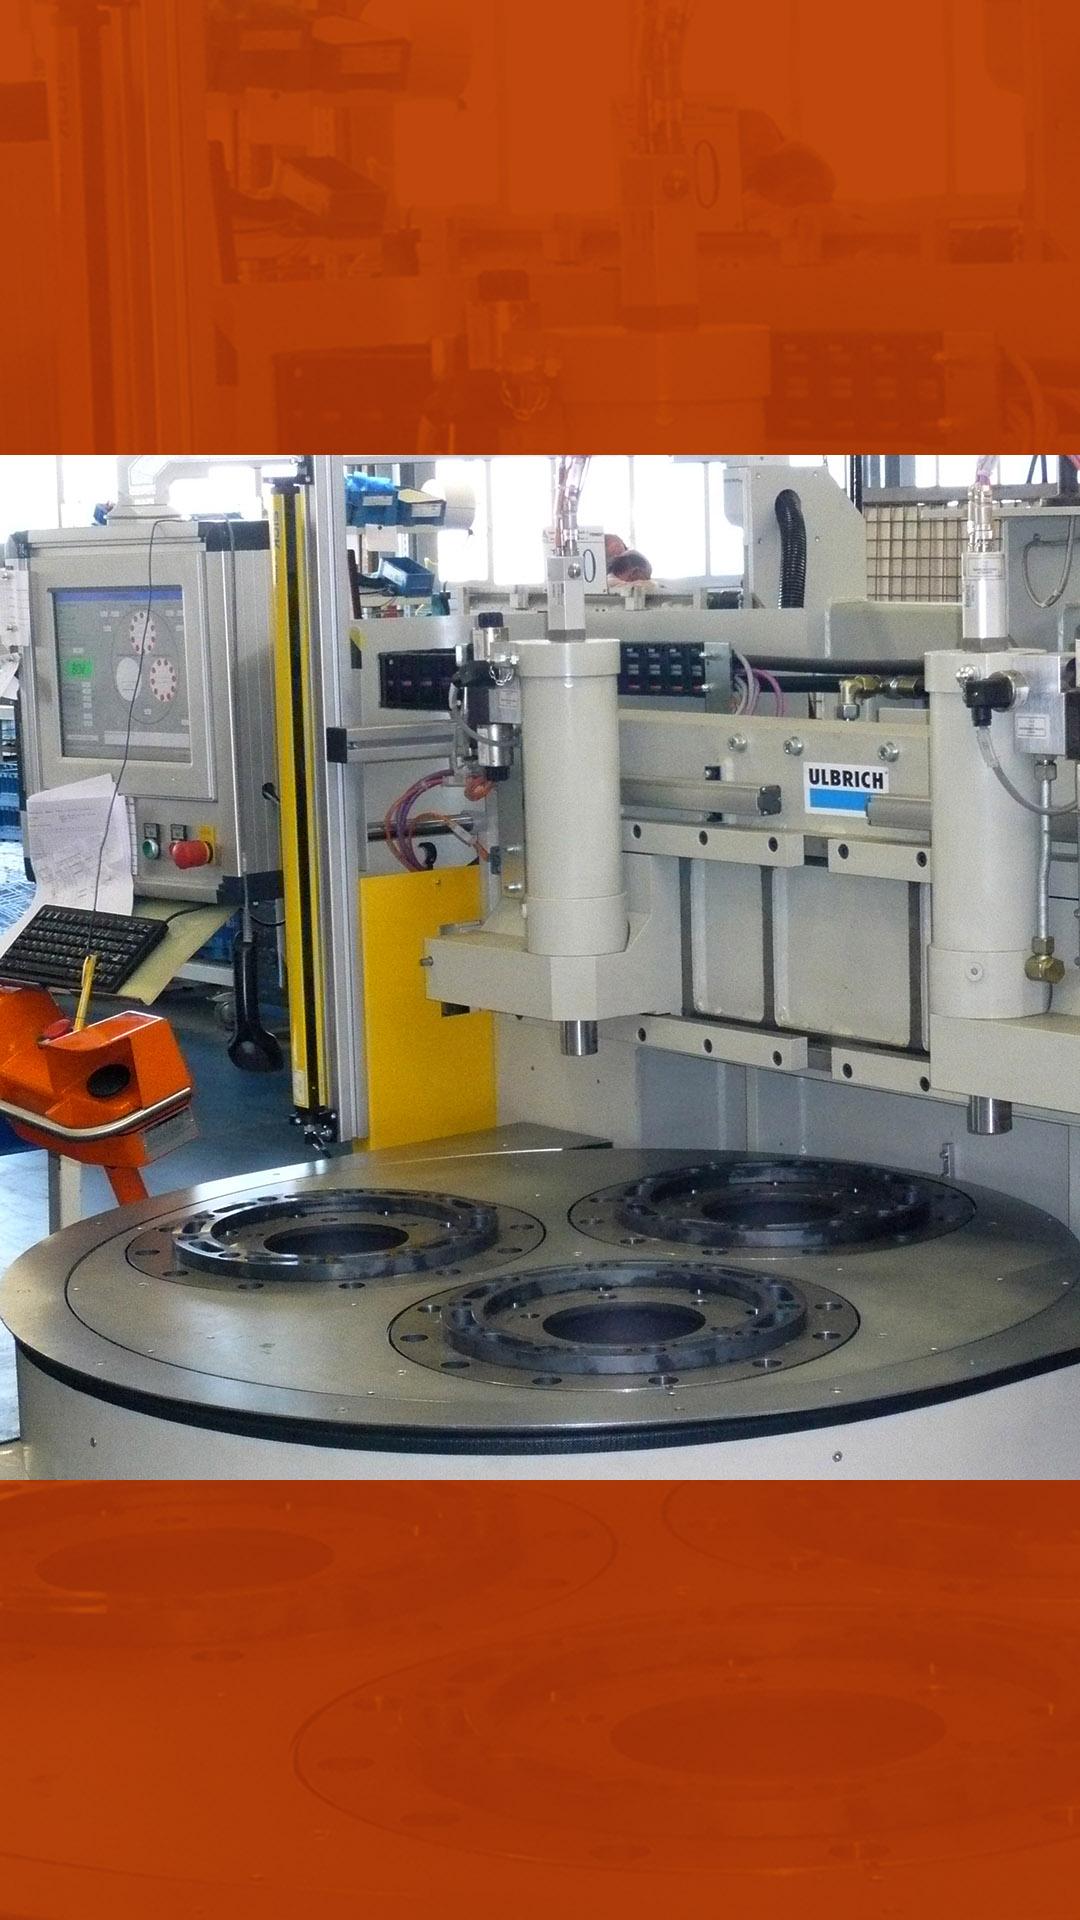 ulbrich-maschinenbau-montagepresse